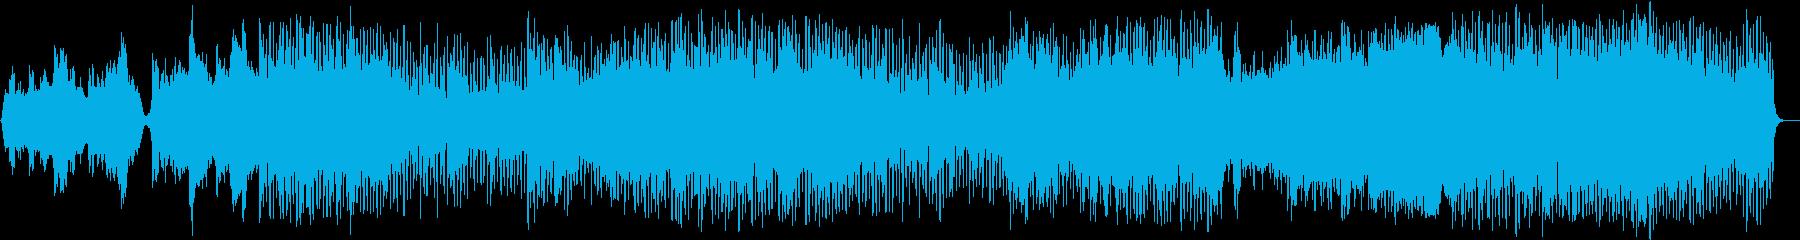 ストリングスメインのバンドサウンドですの再生済みの波形